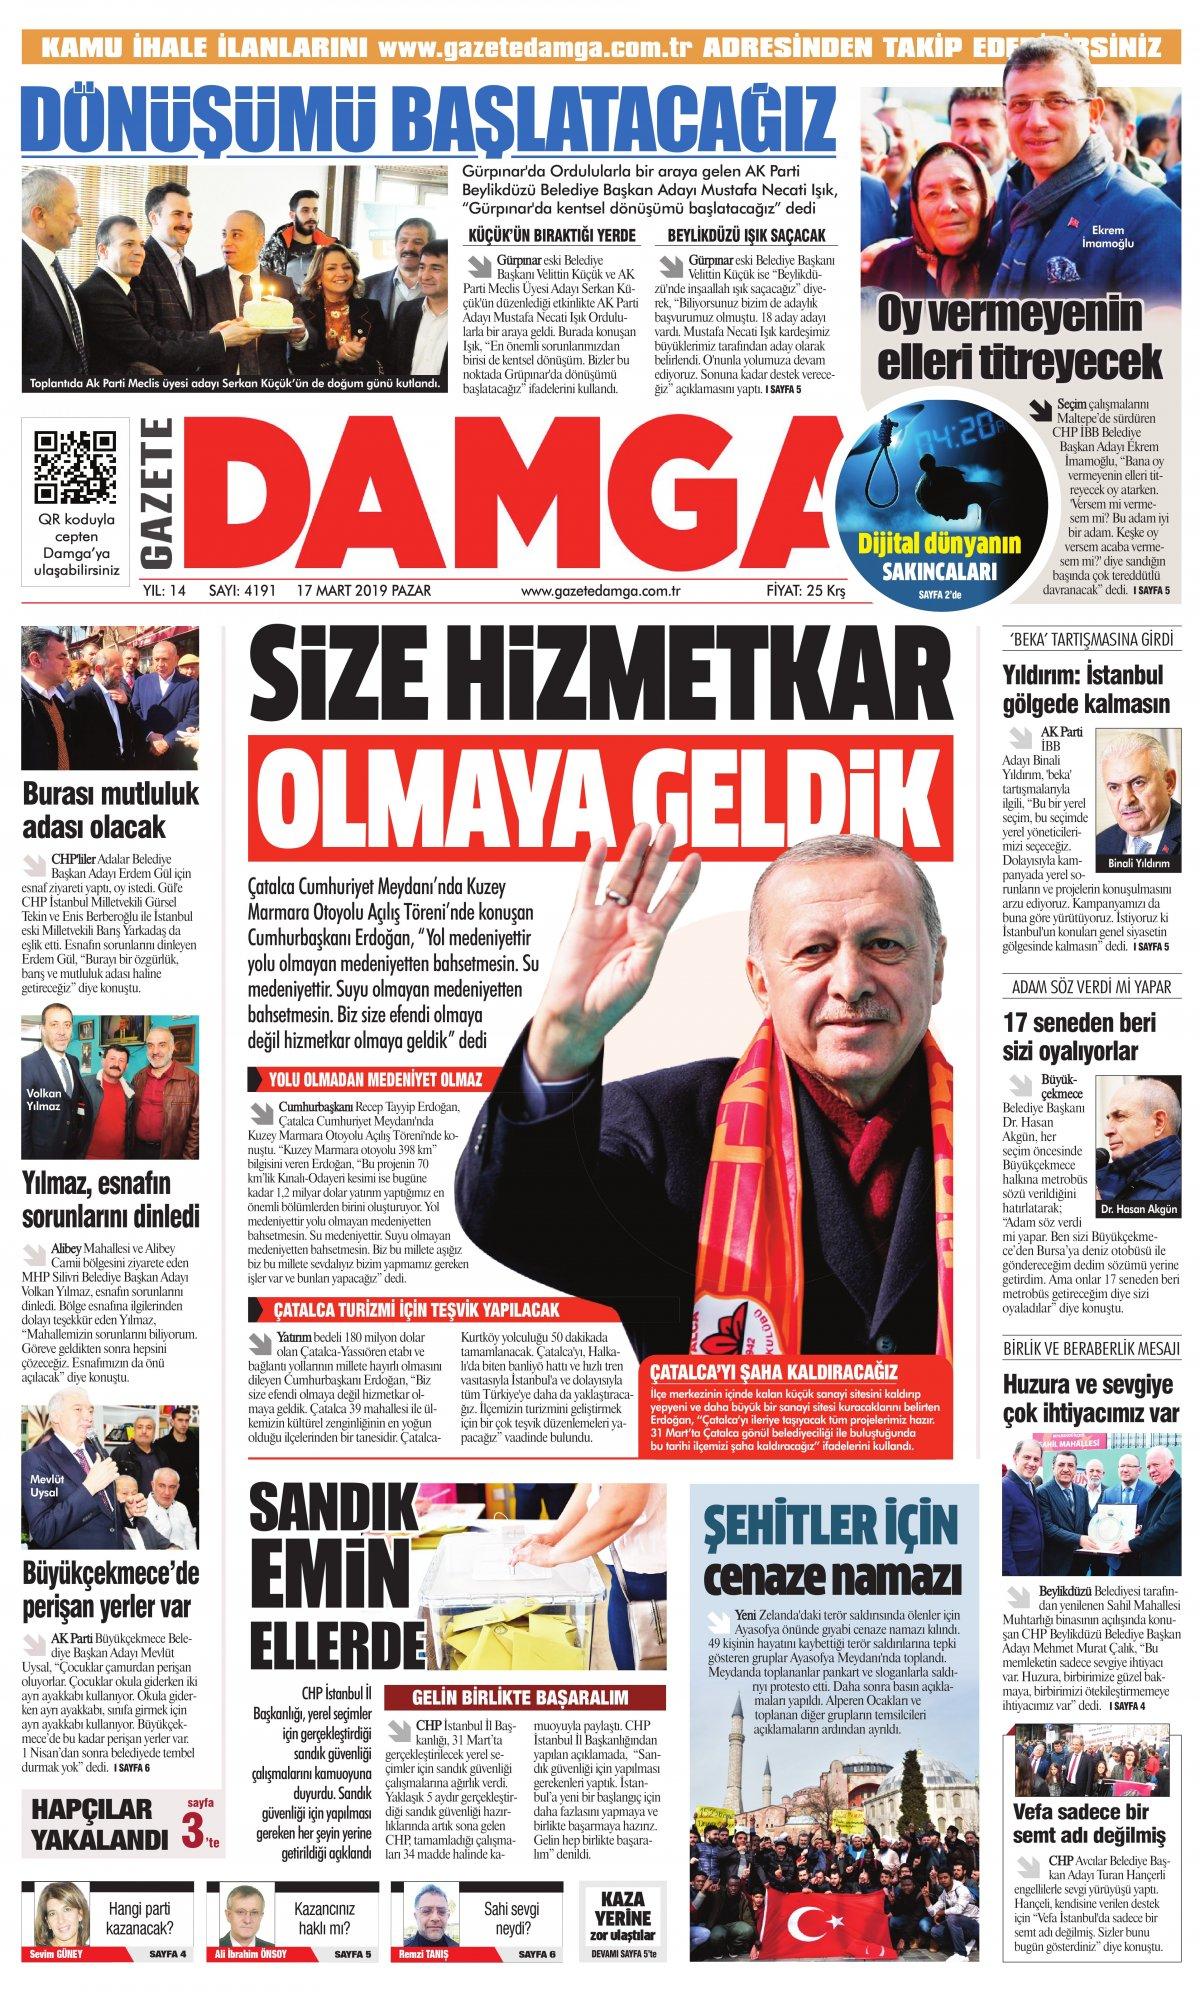 Gazete Damga - 17.03.2019 Sayfaları